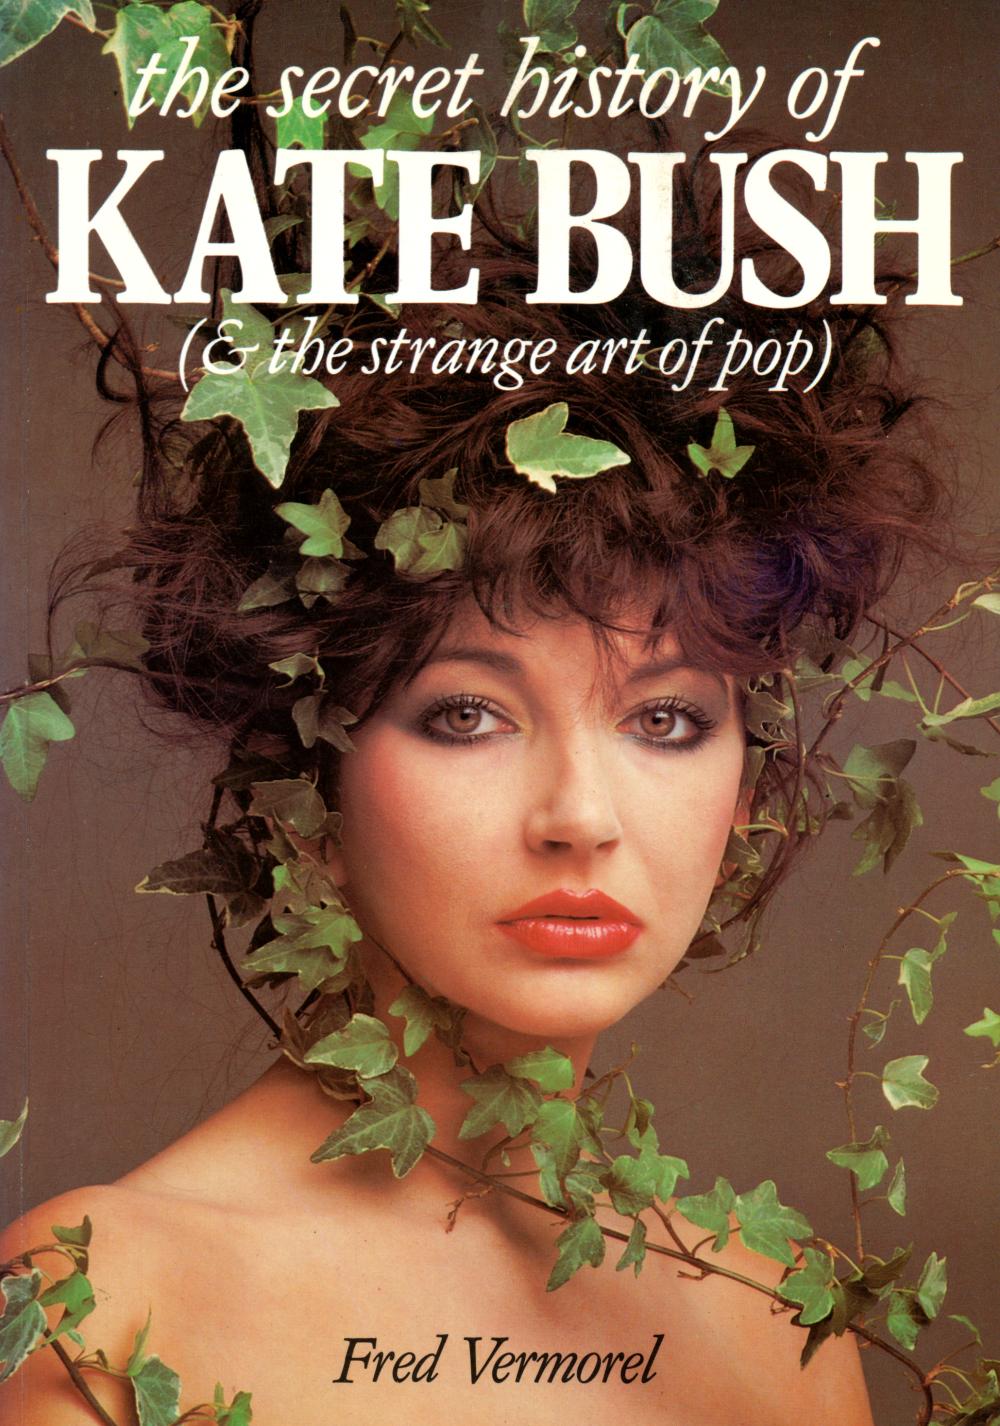 History Of Art Book Cover : Secret history of kate bush the strange art pop